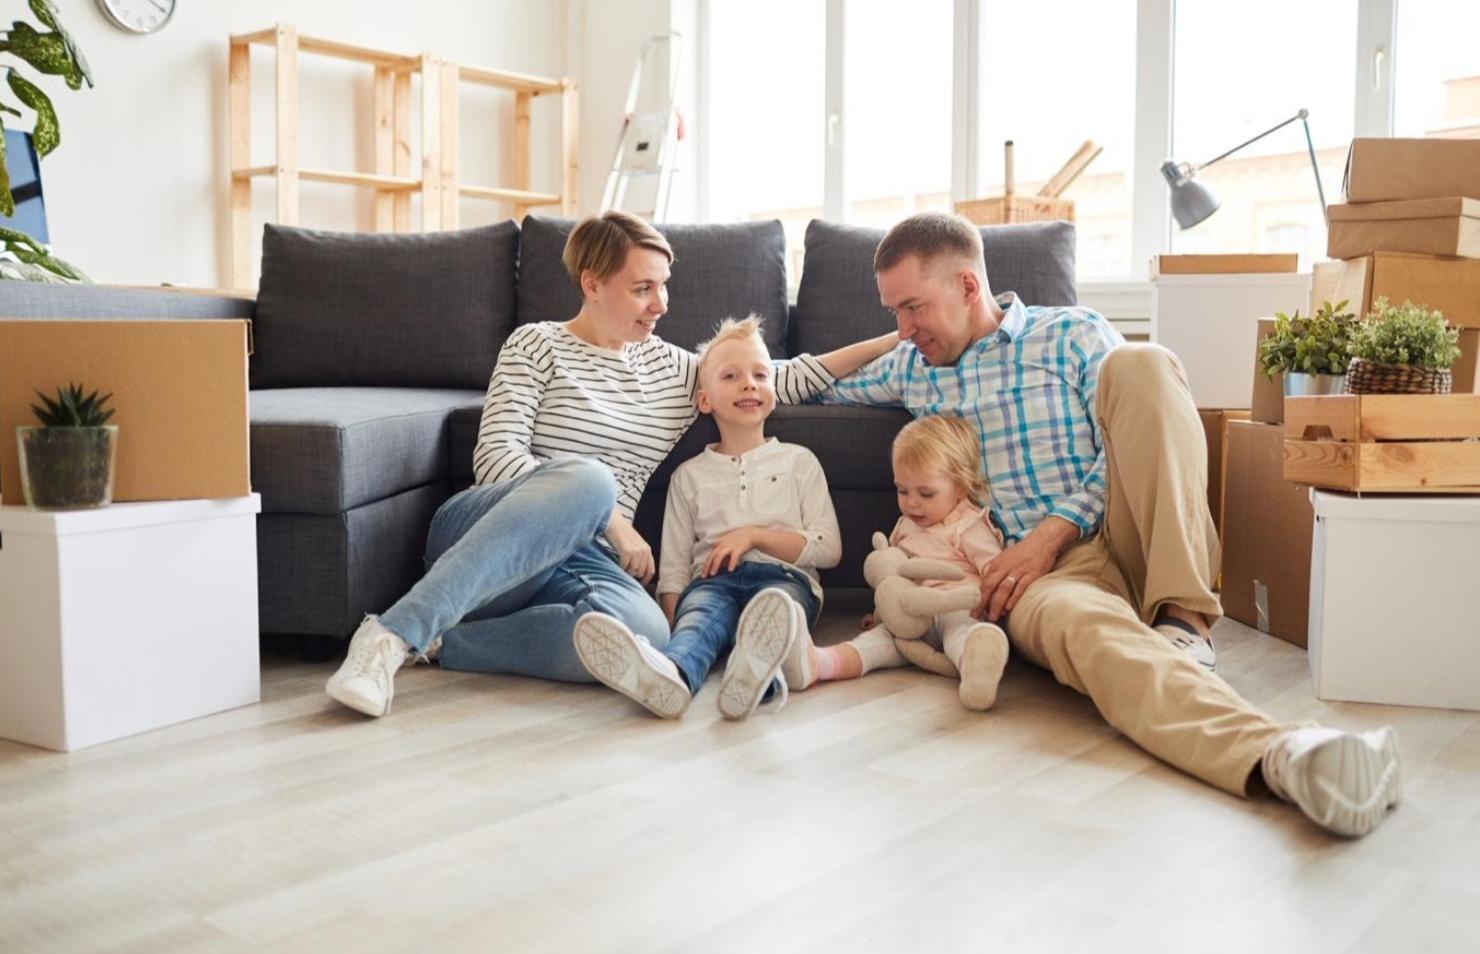 Qué es lo que buscan los clientes para entrar a vivir en una casa